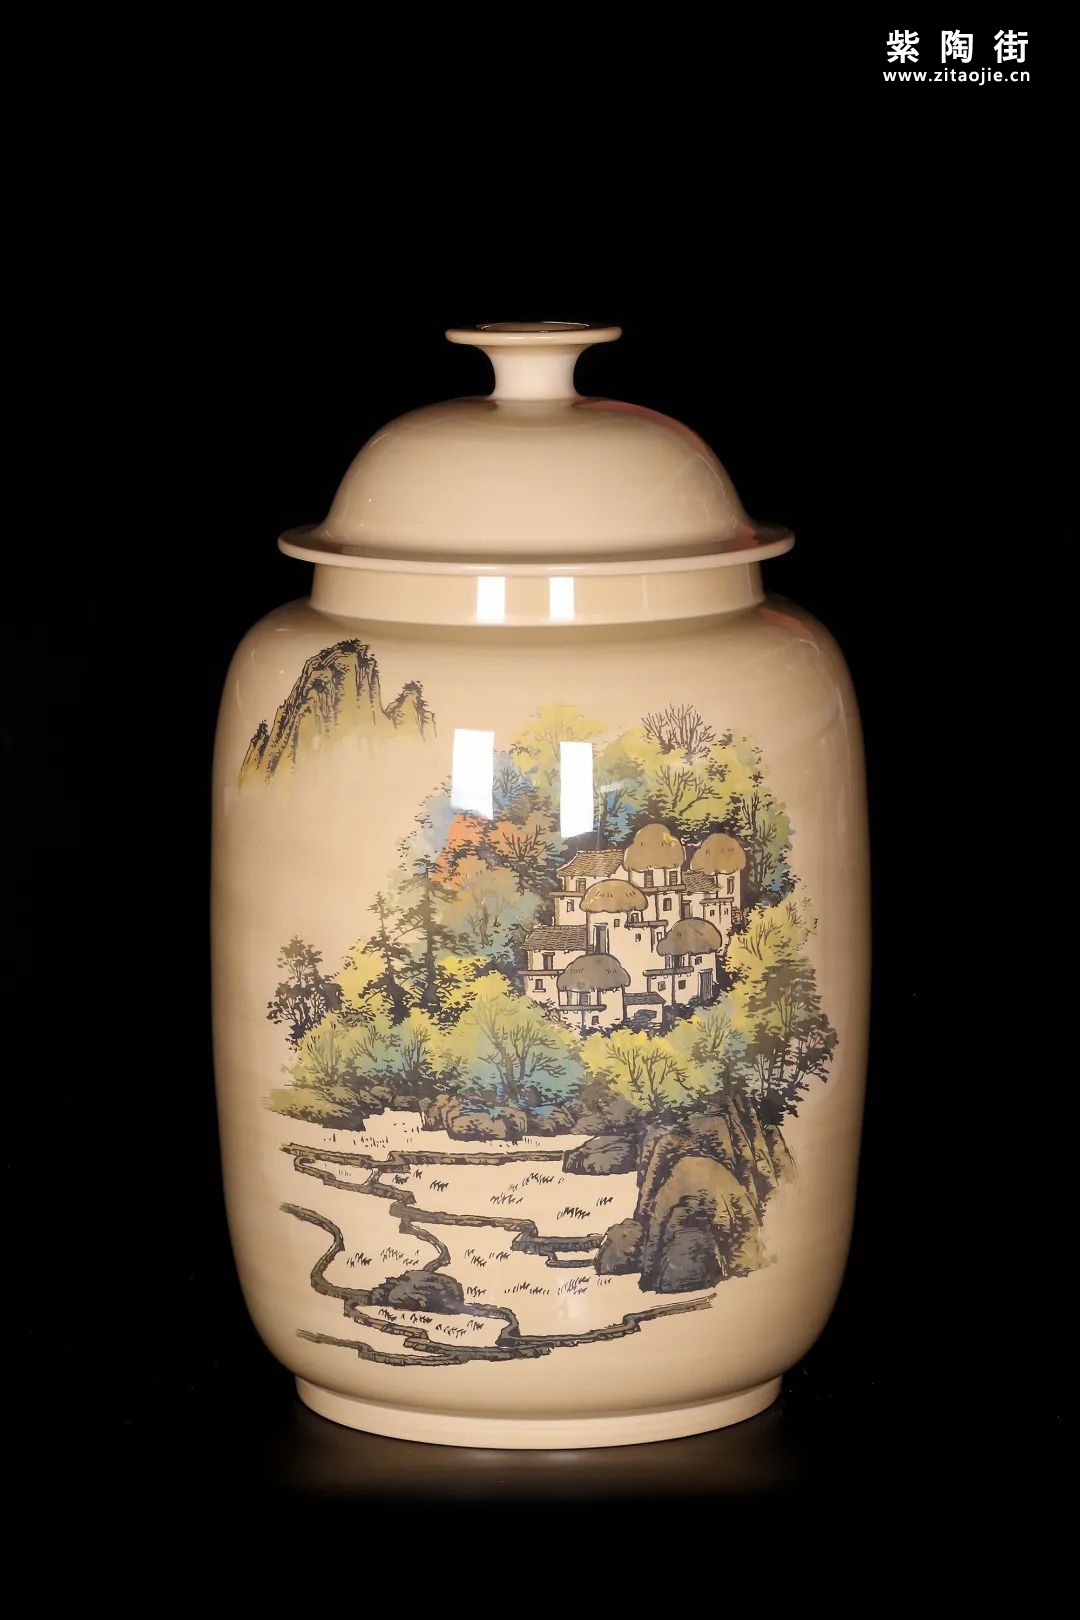 廖建忠、廖渊涵的青绿山水装饰紫陶缸插图16